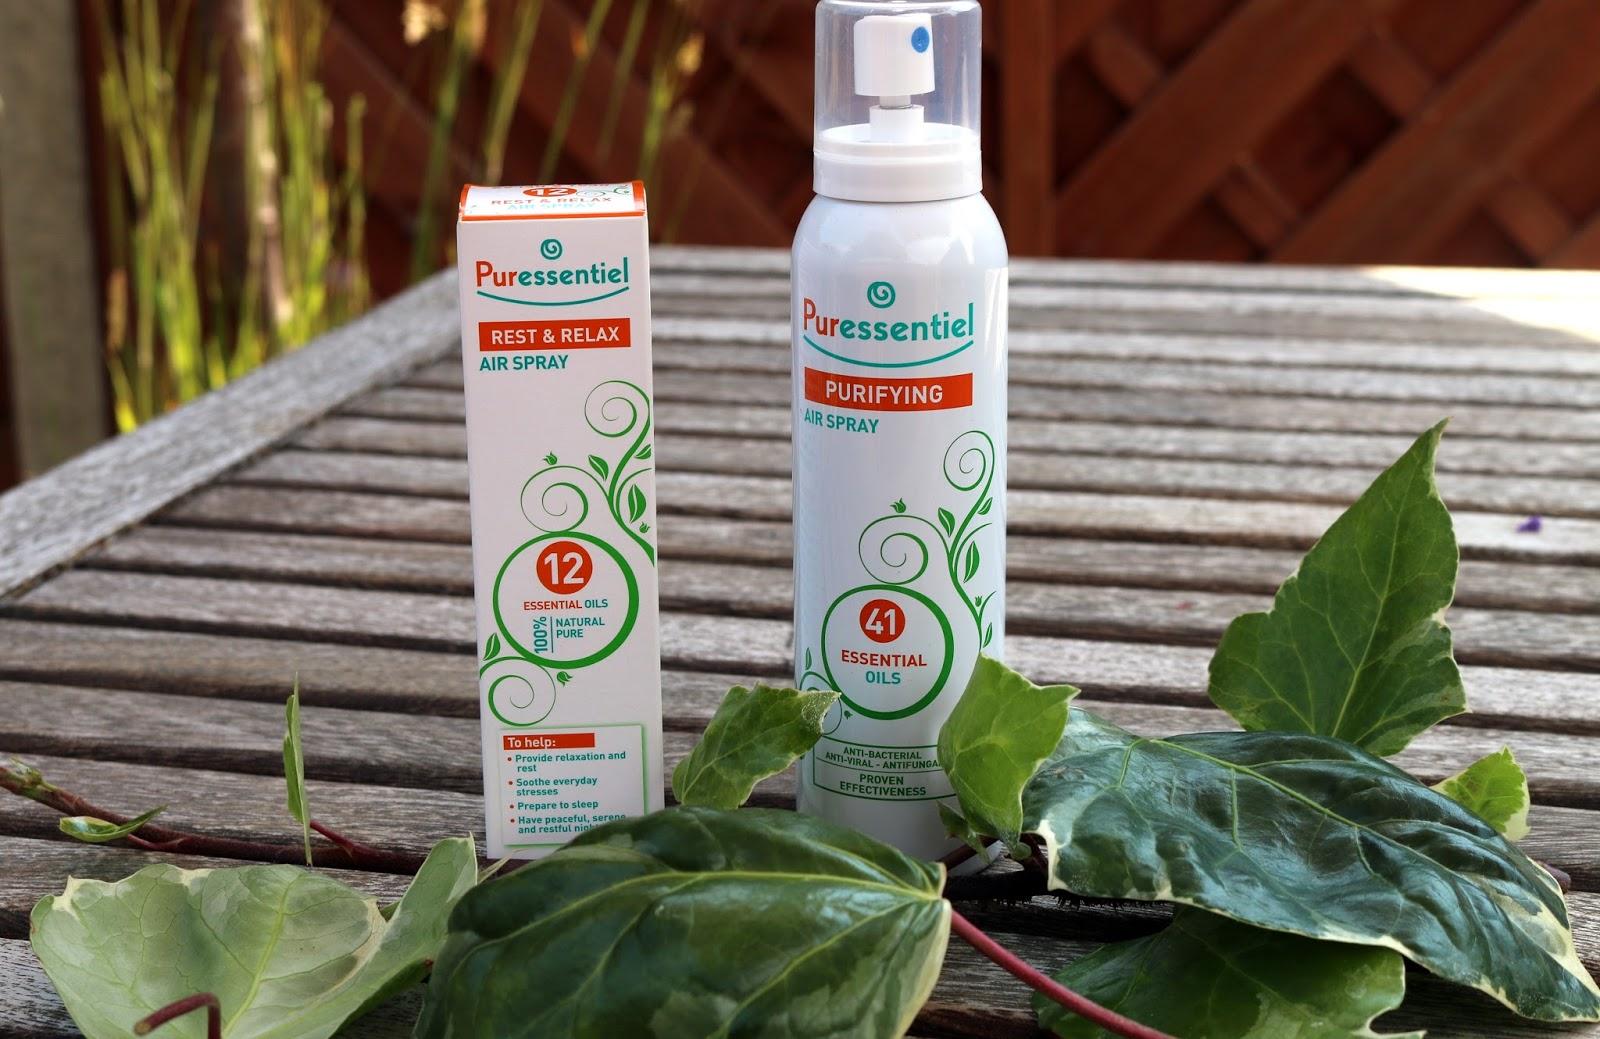 Puressentiel purifying and sleep sprays